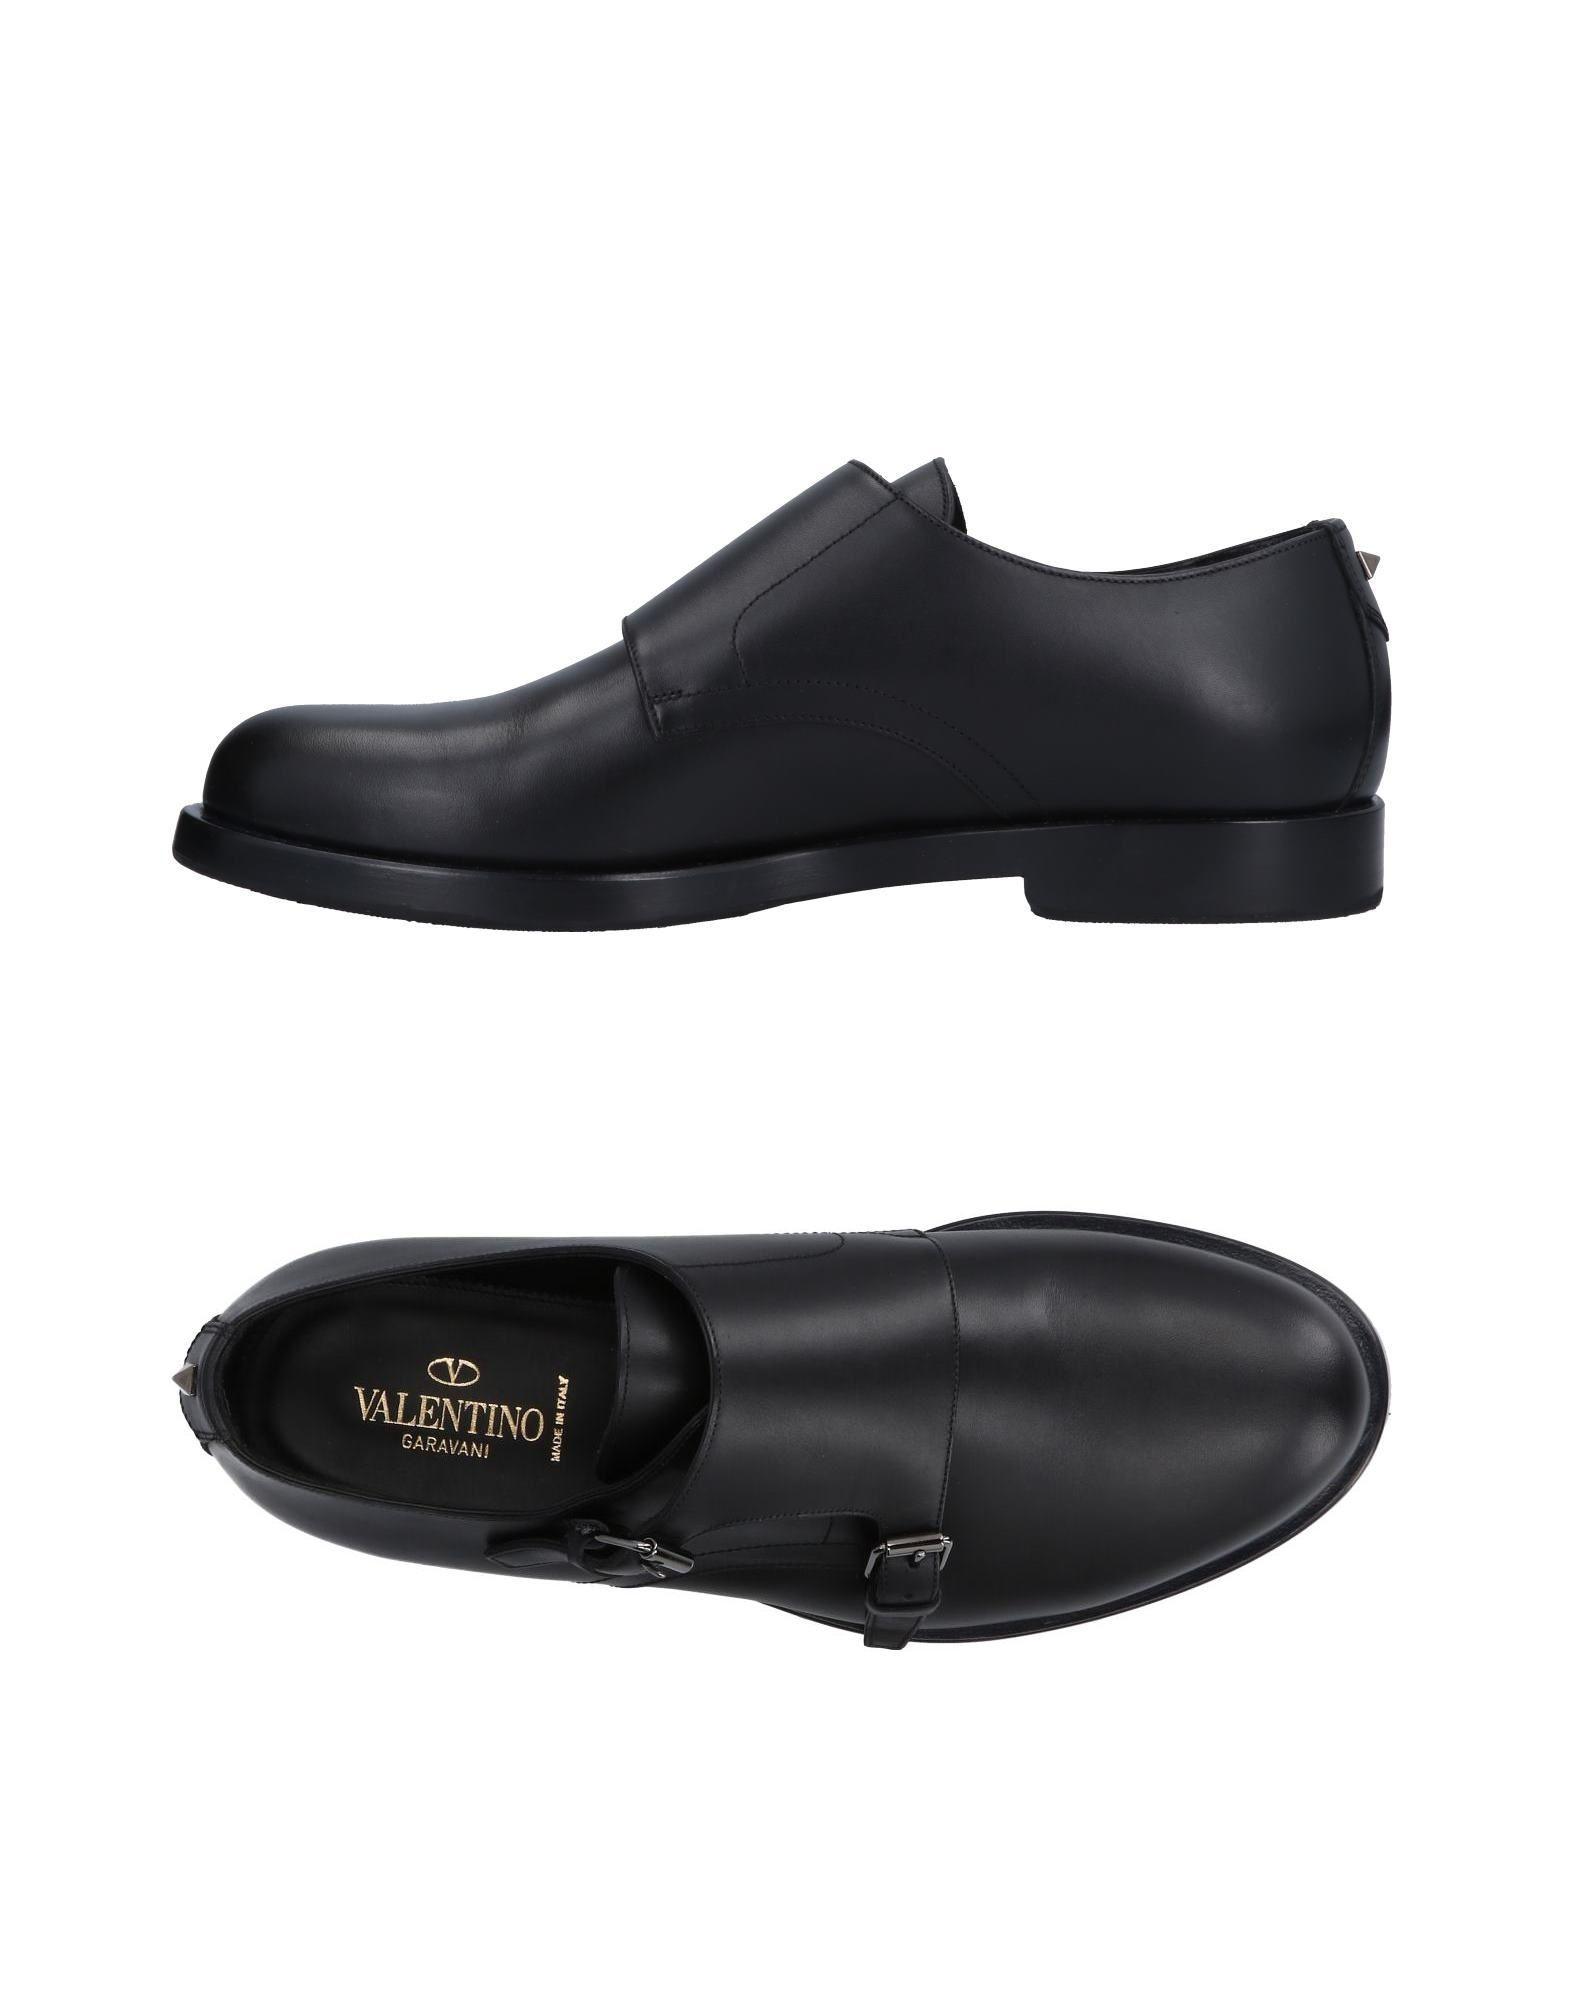 Valentino Garavani Mokassins Herren  11500062MT Gute Qualität beliebte Schuhe